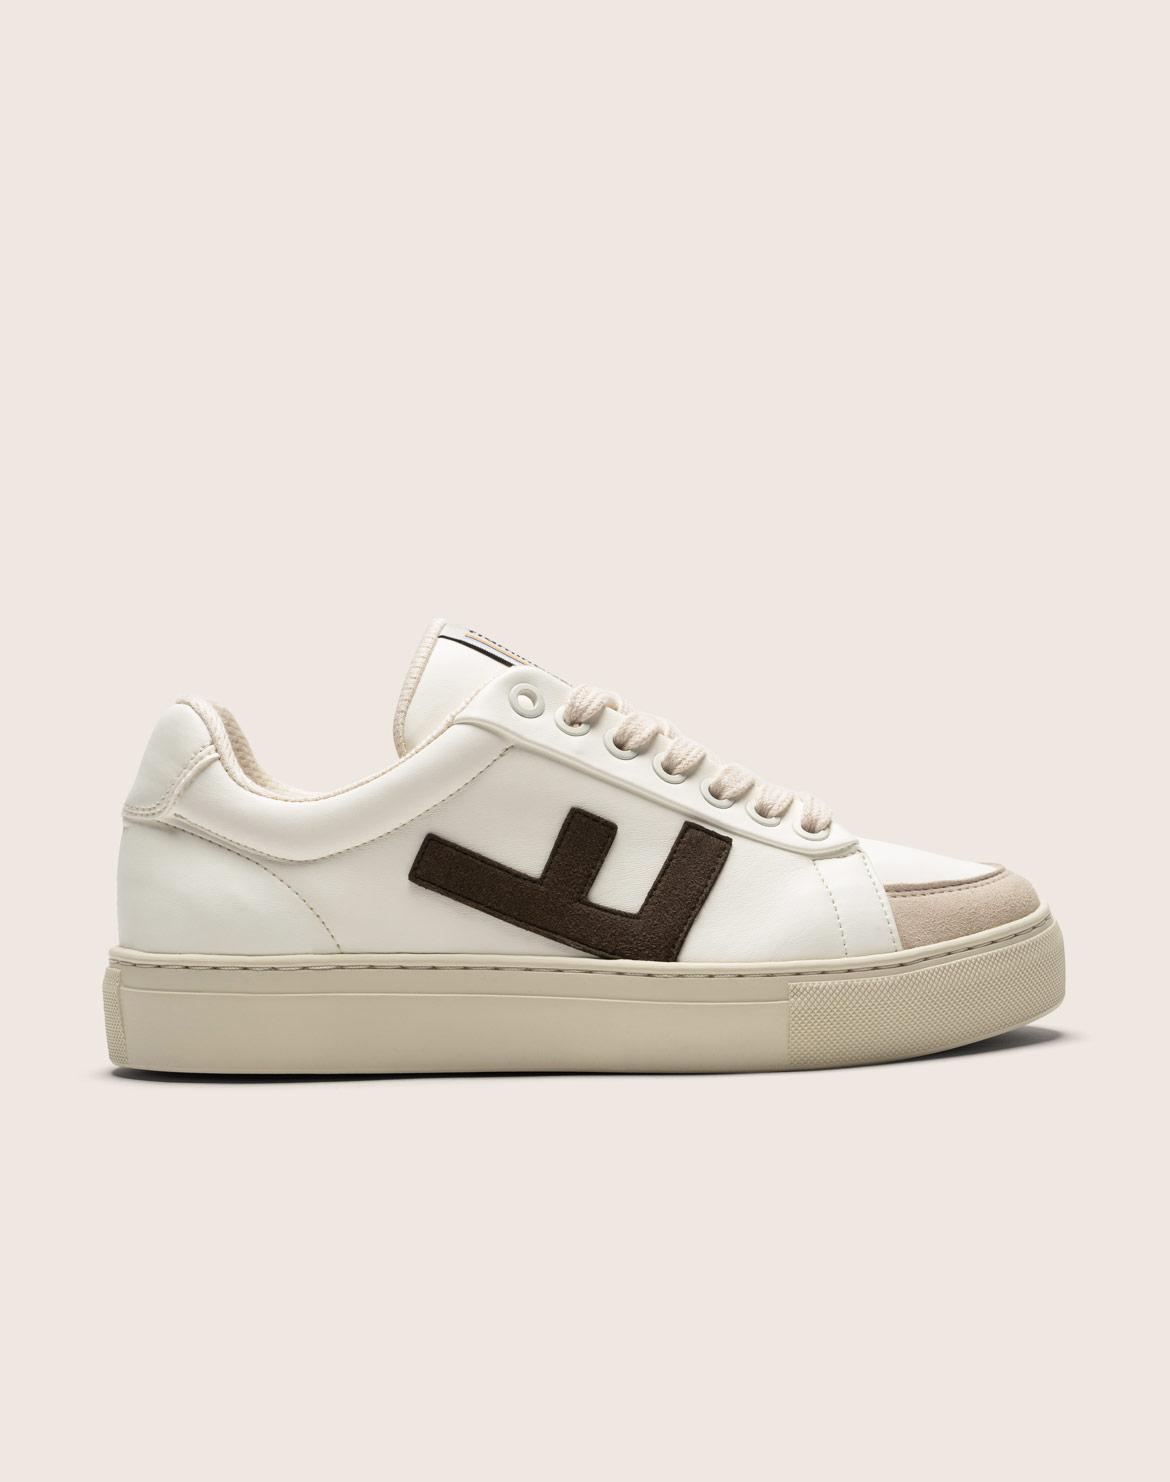 White/Khaki/Grey